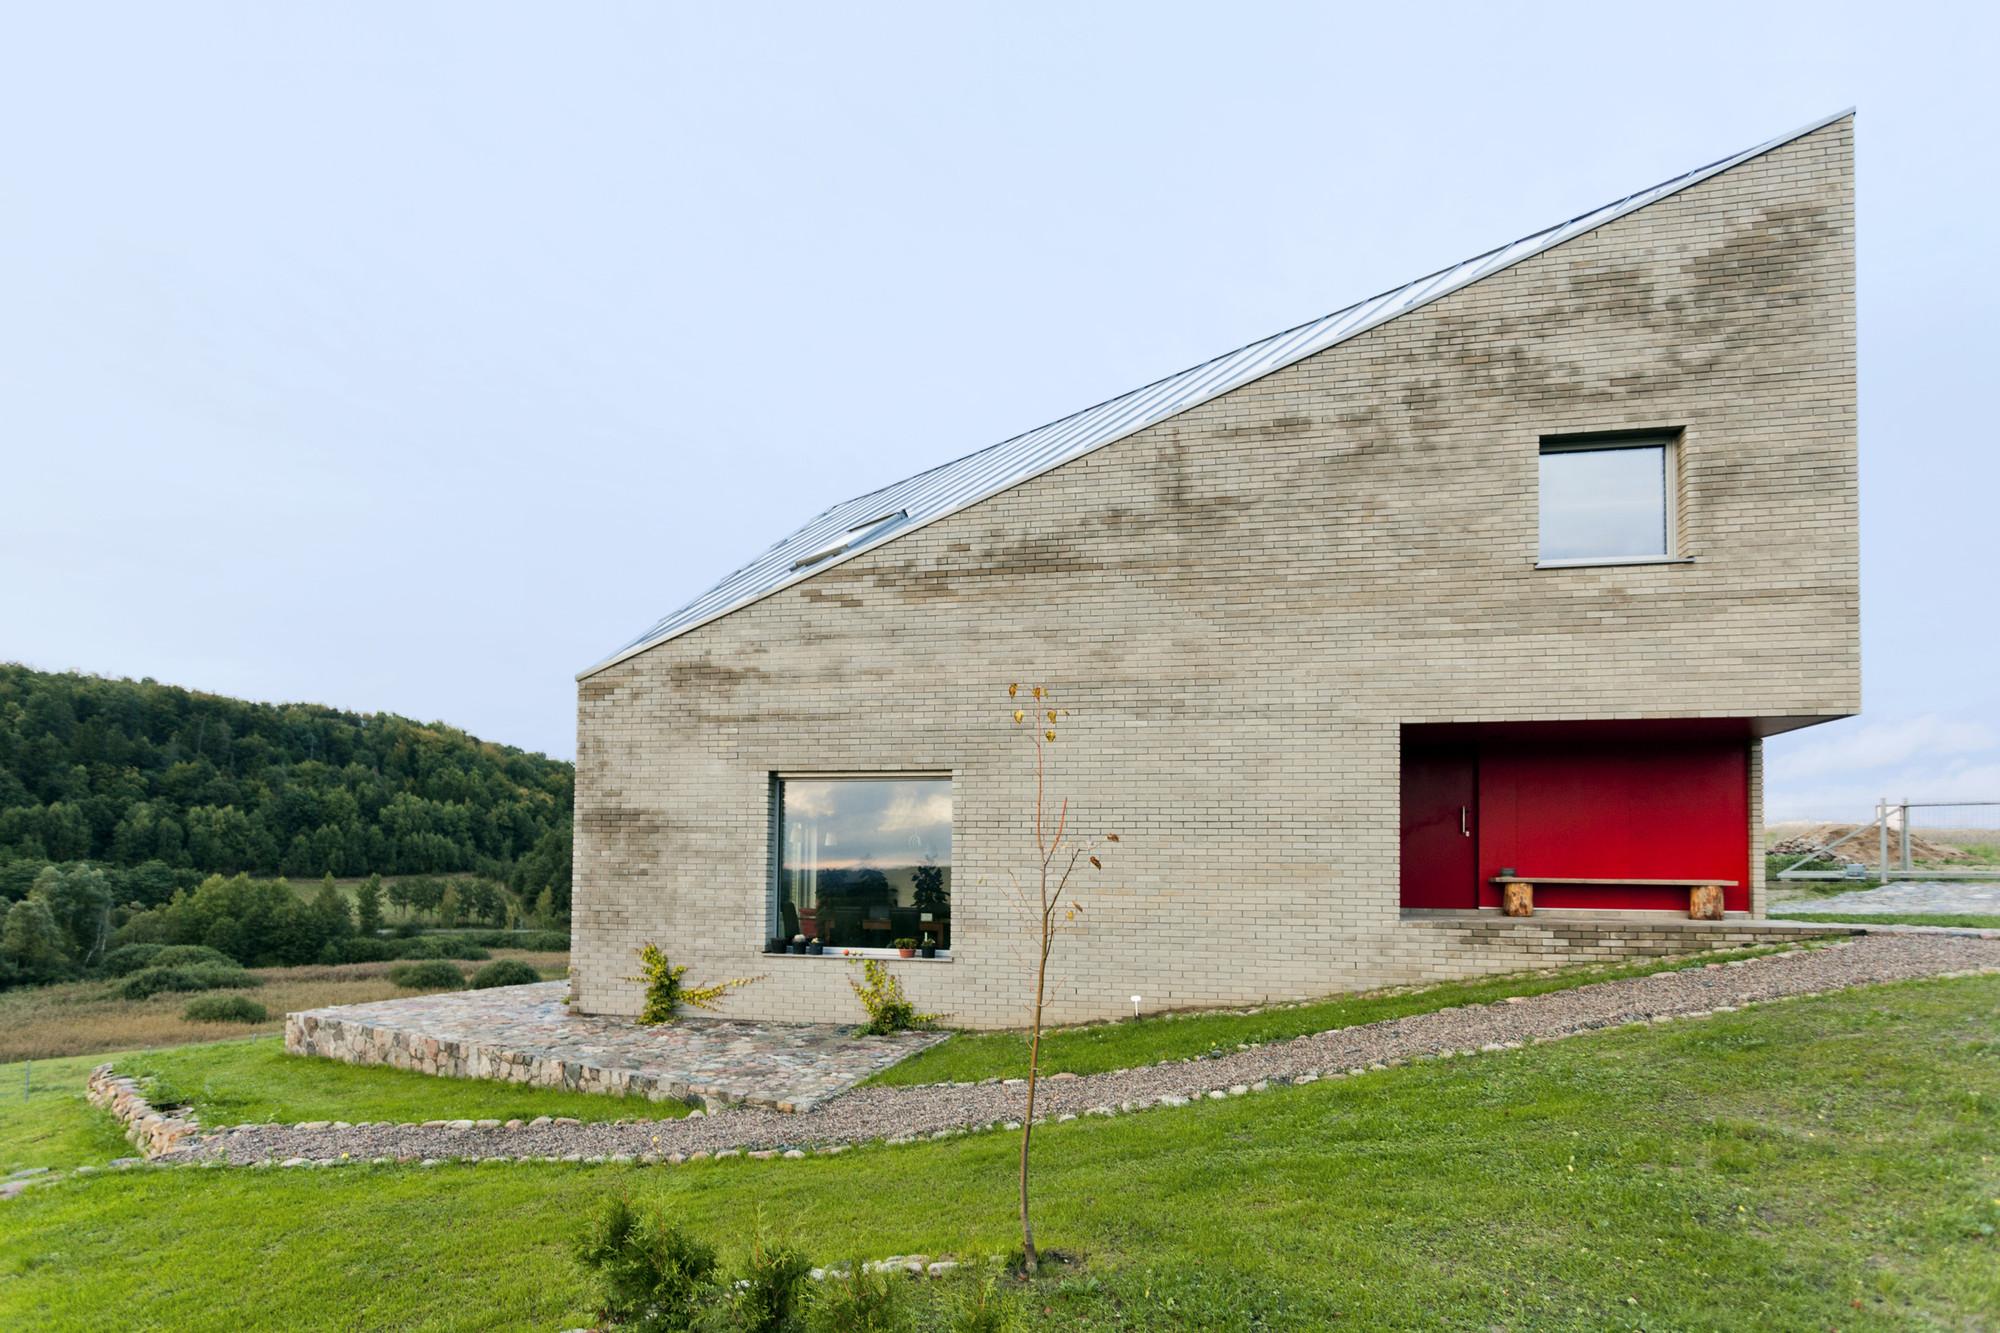 34.25° House  / Bartek Arendt + Kasia Bedra, Courtesy of Bartek Arendt